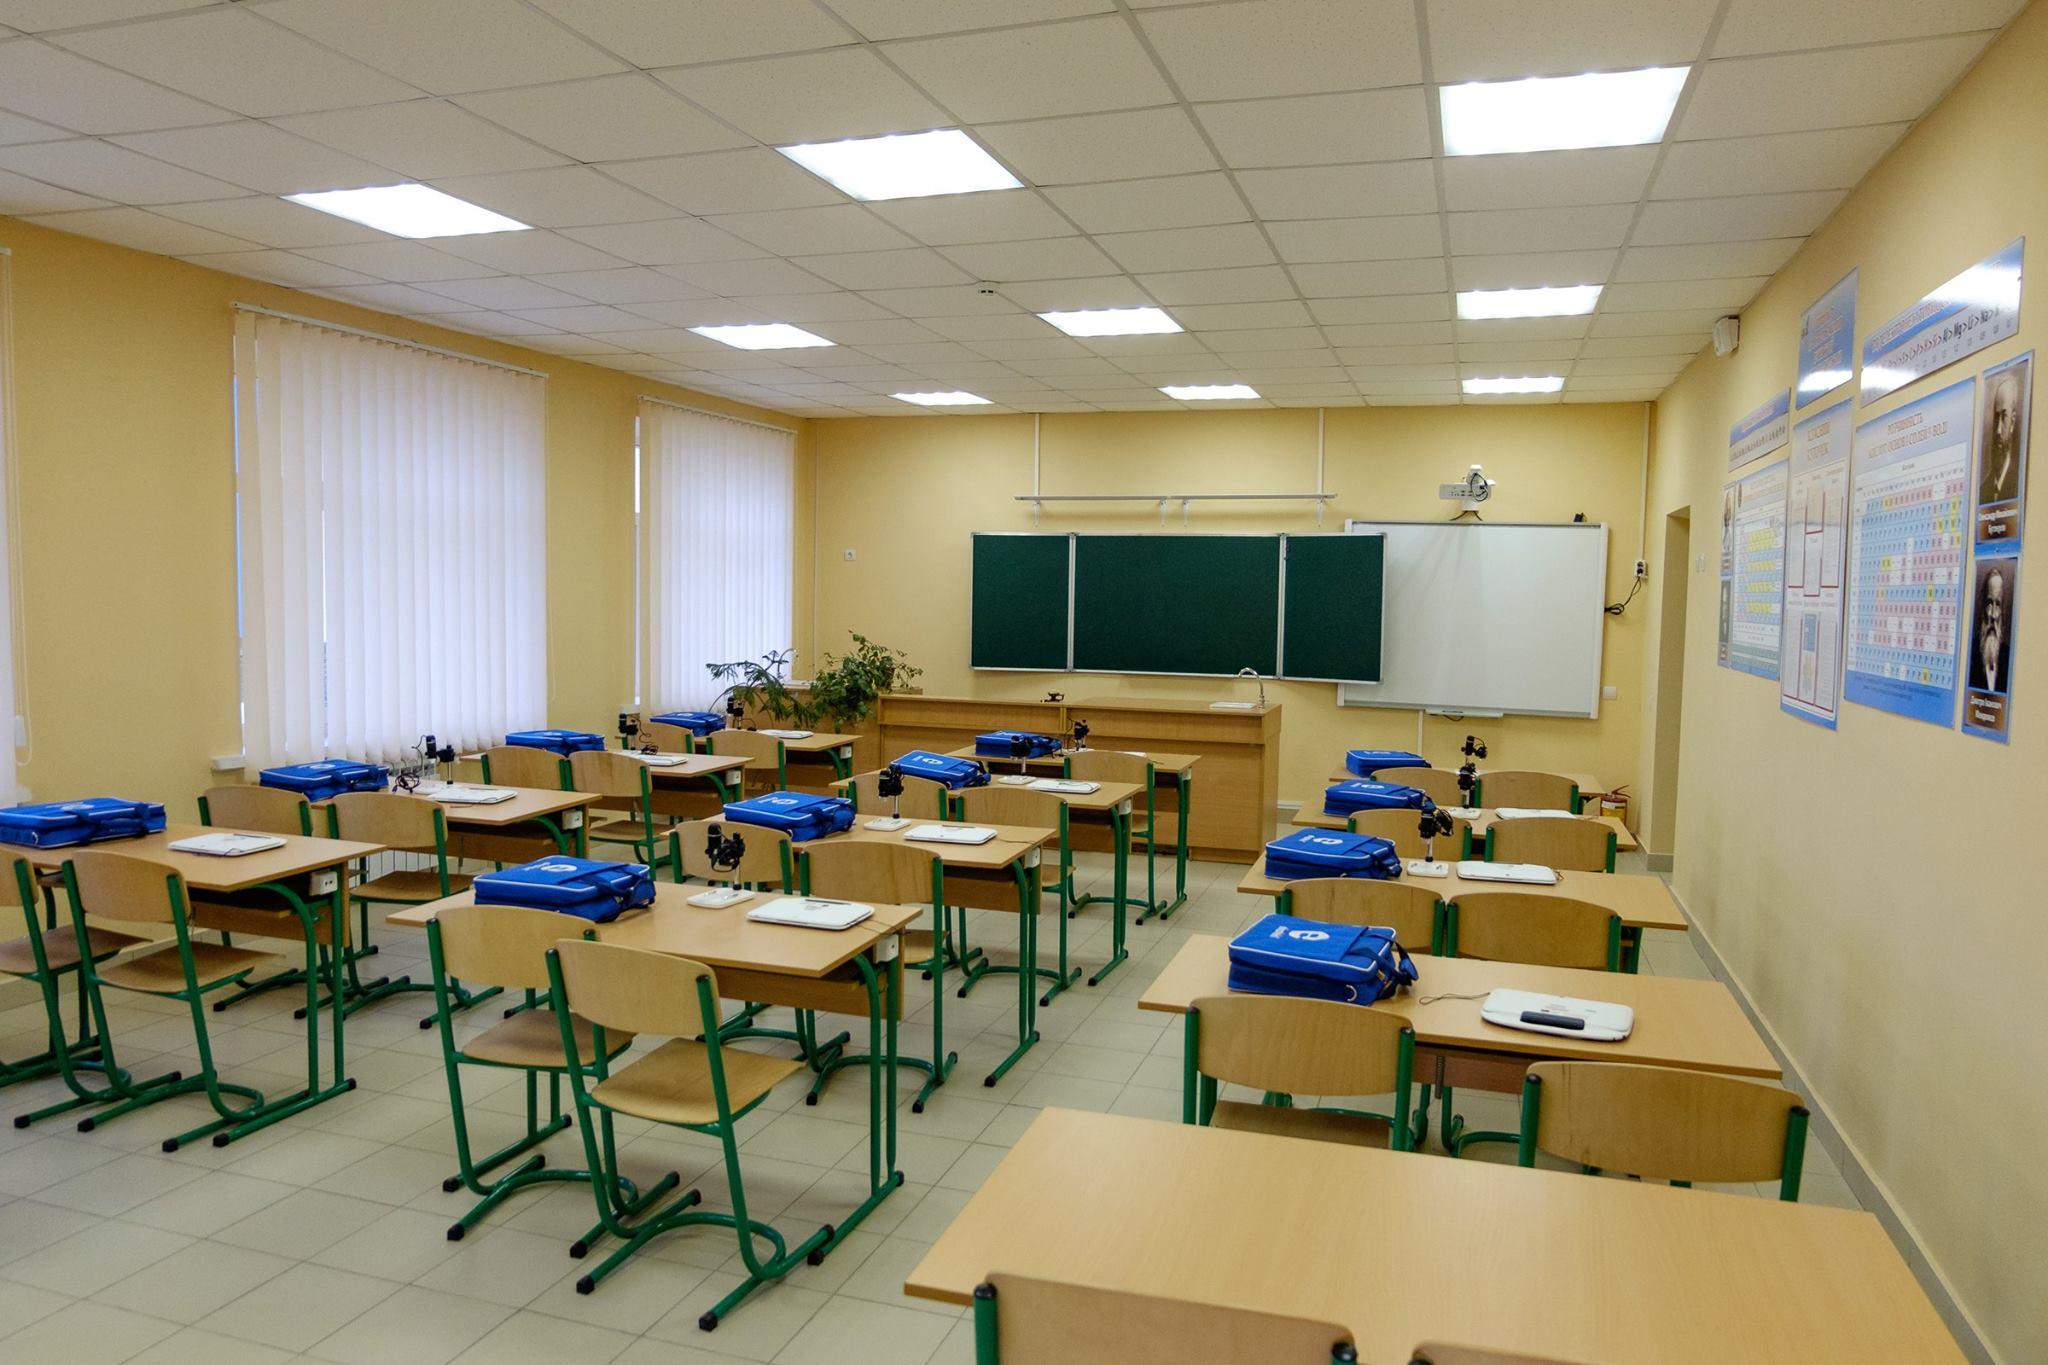 Школа, которая не ворует у детей будущее: топ 10 опорных учебных заведений Украины